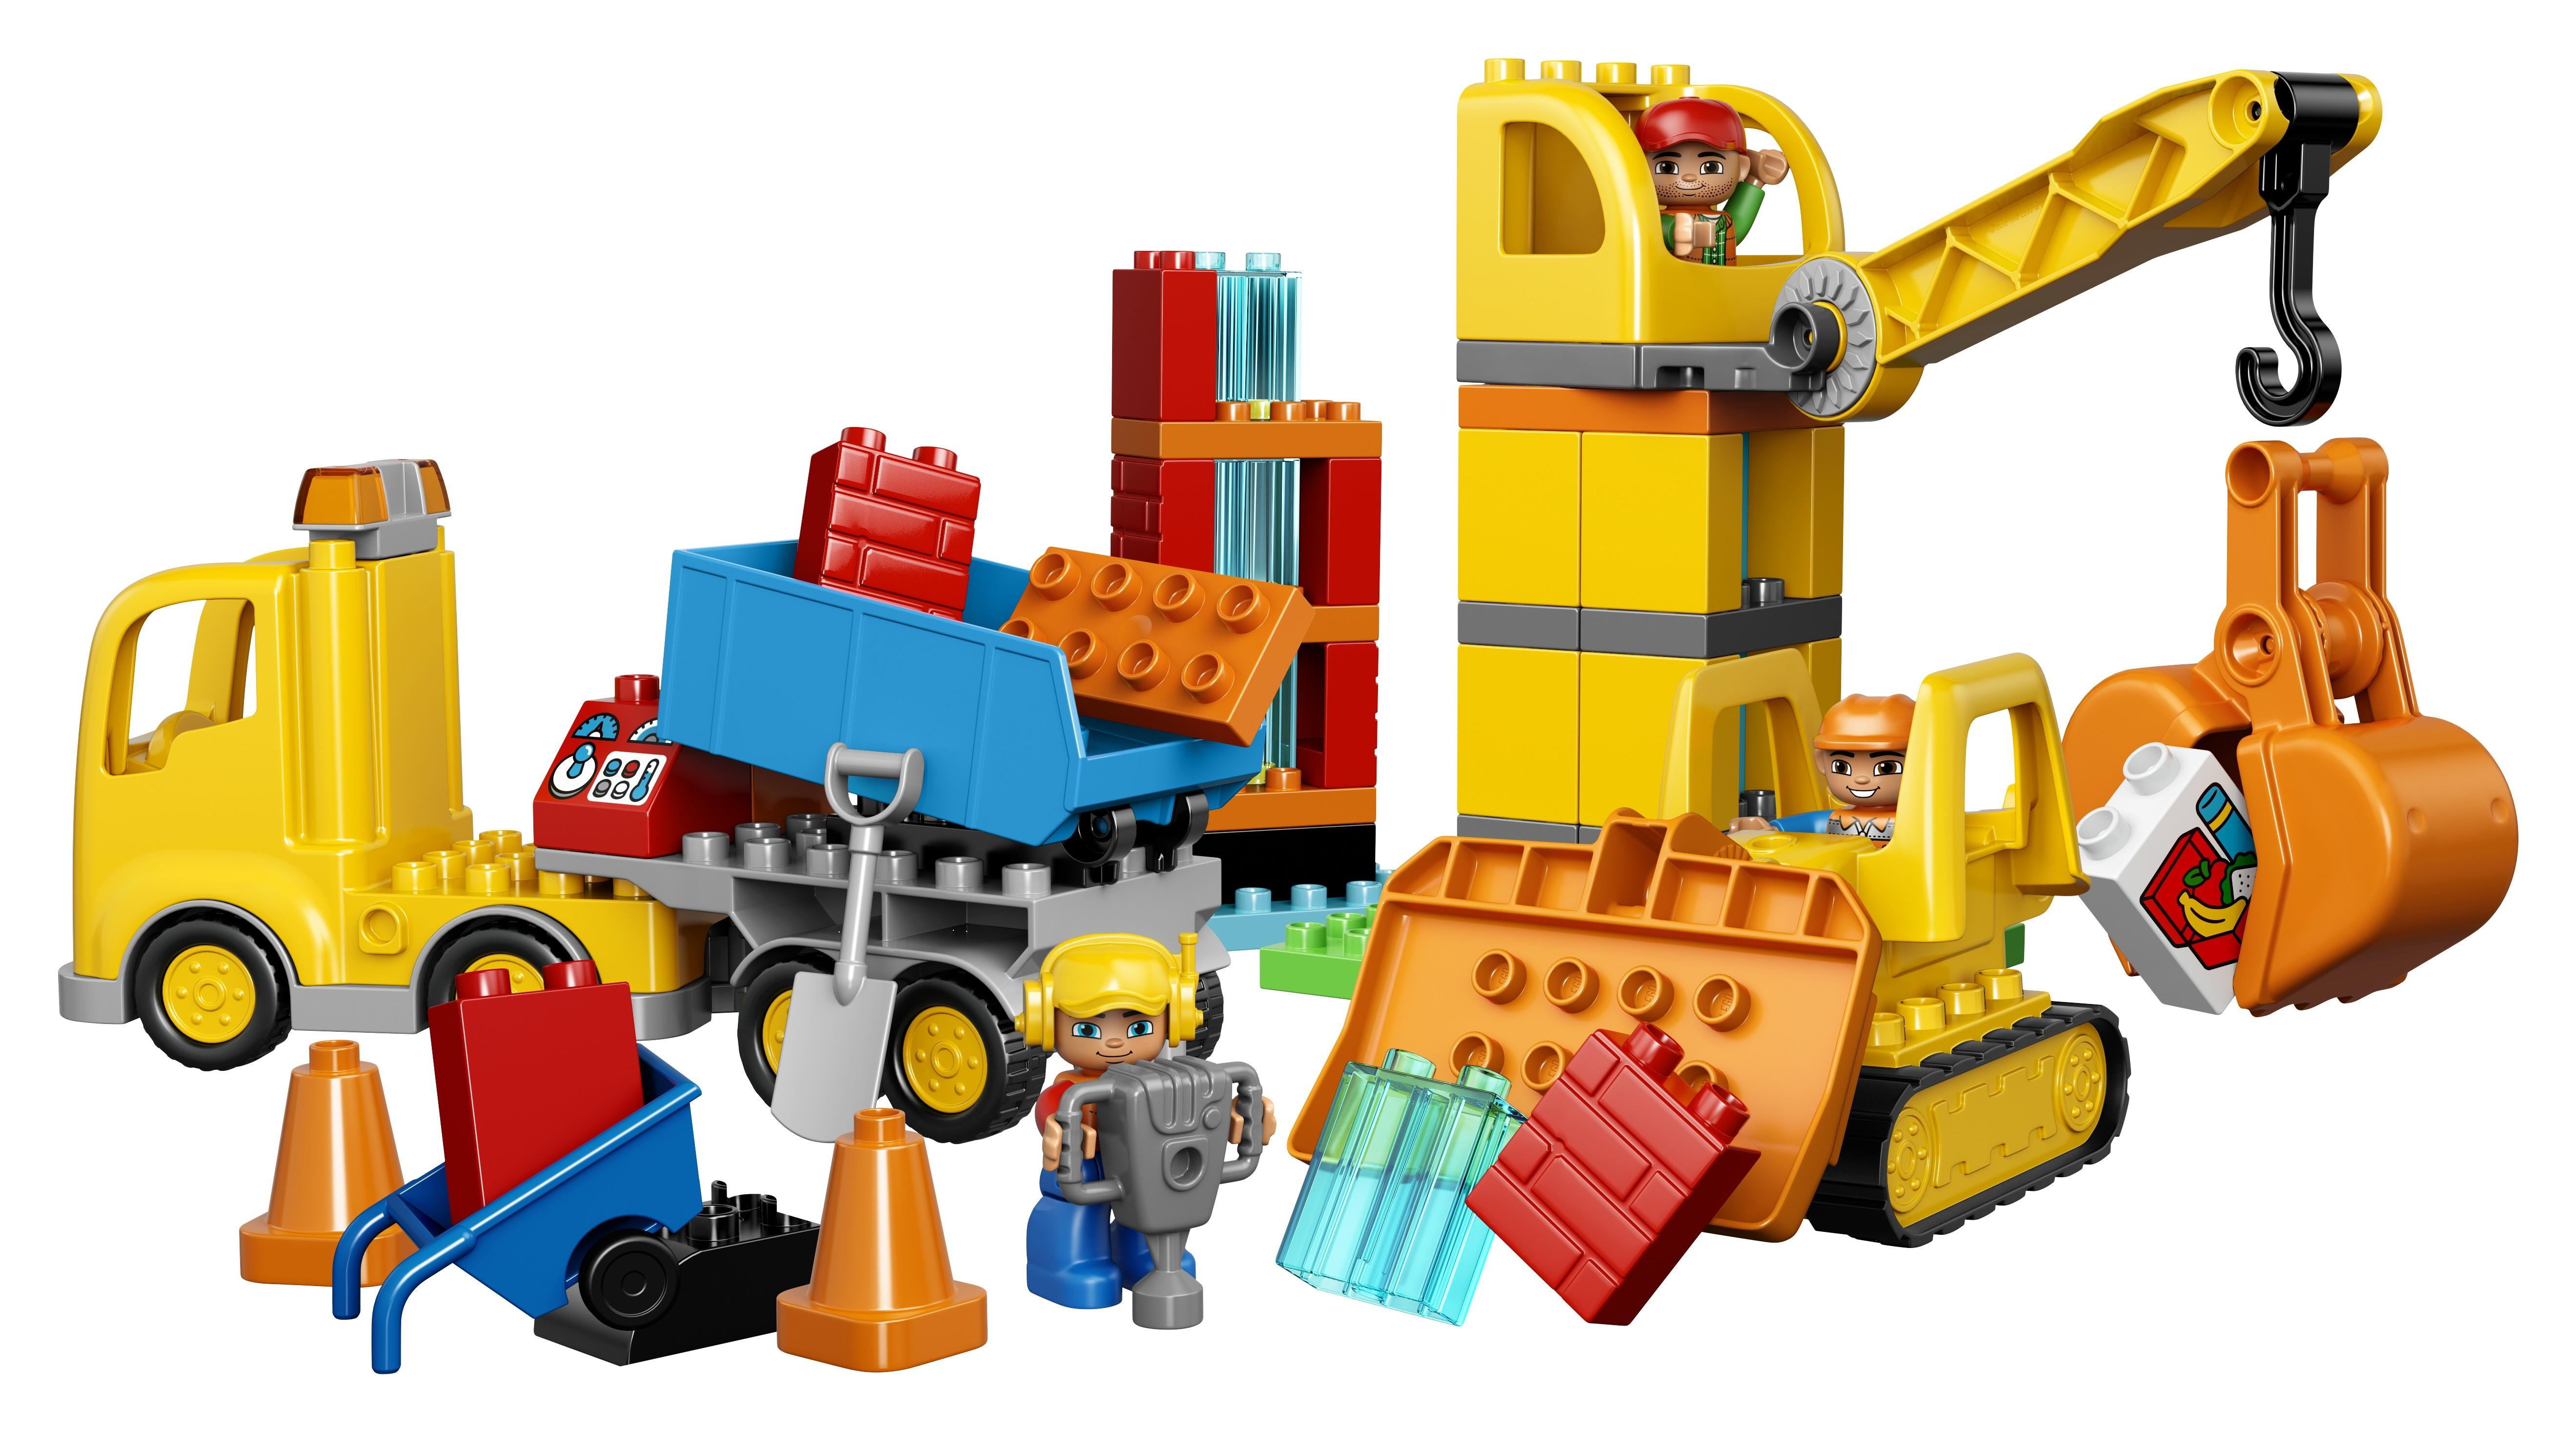 Конструктор LEGO 10813 Большая стройплощадка конструктор lego 10813 большая стройплощадка